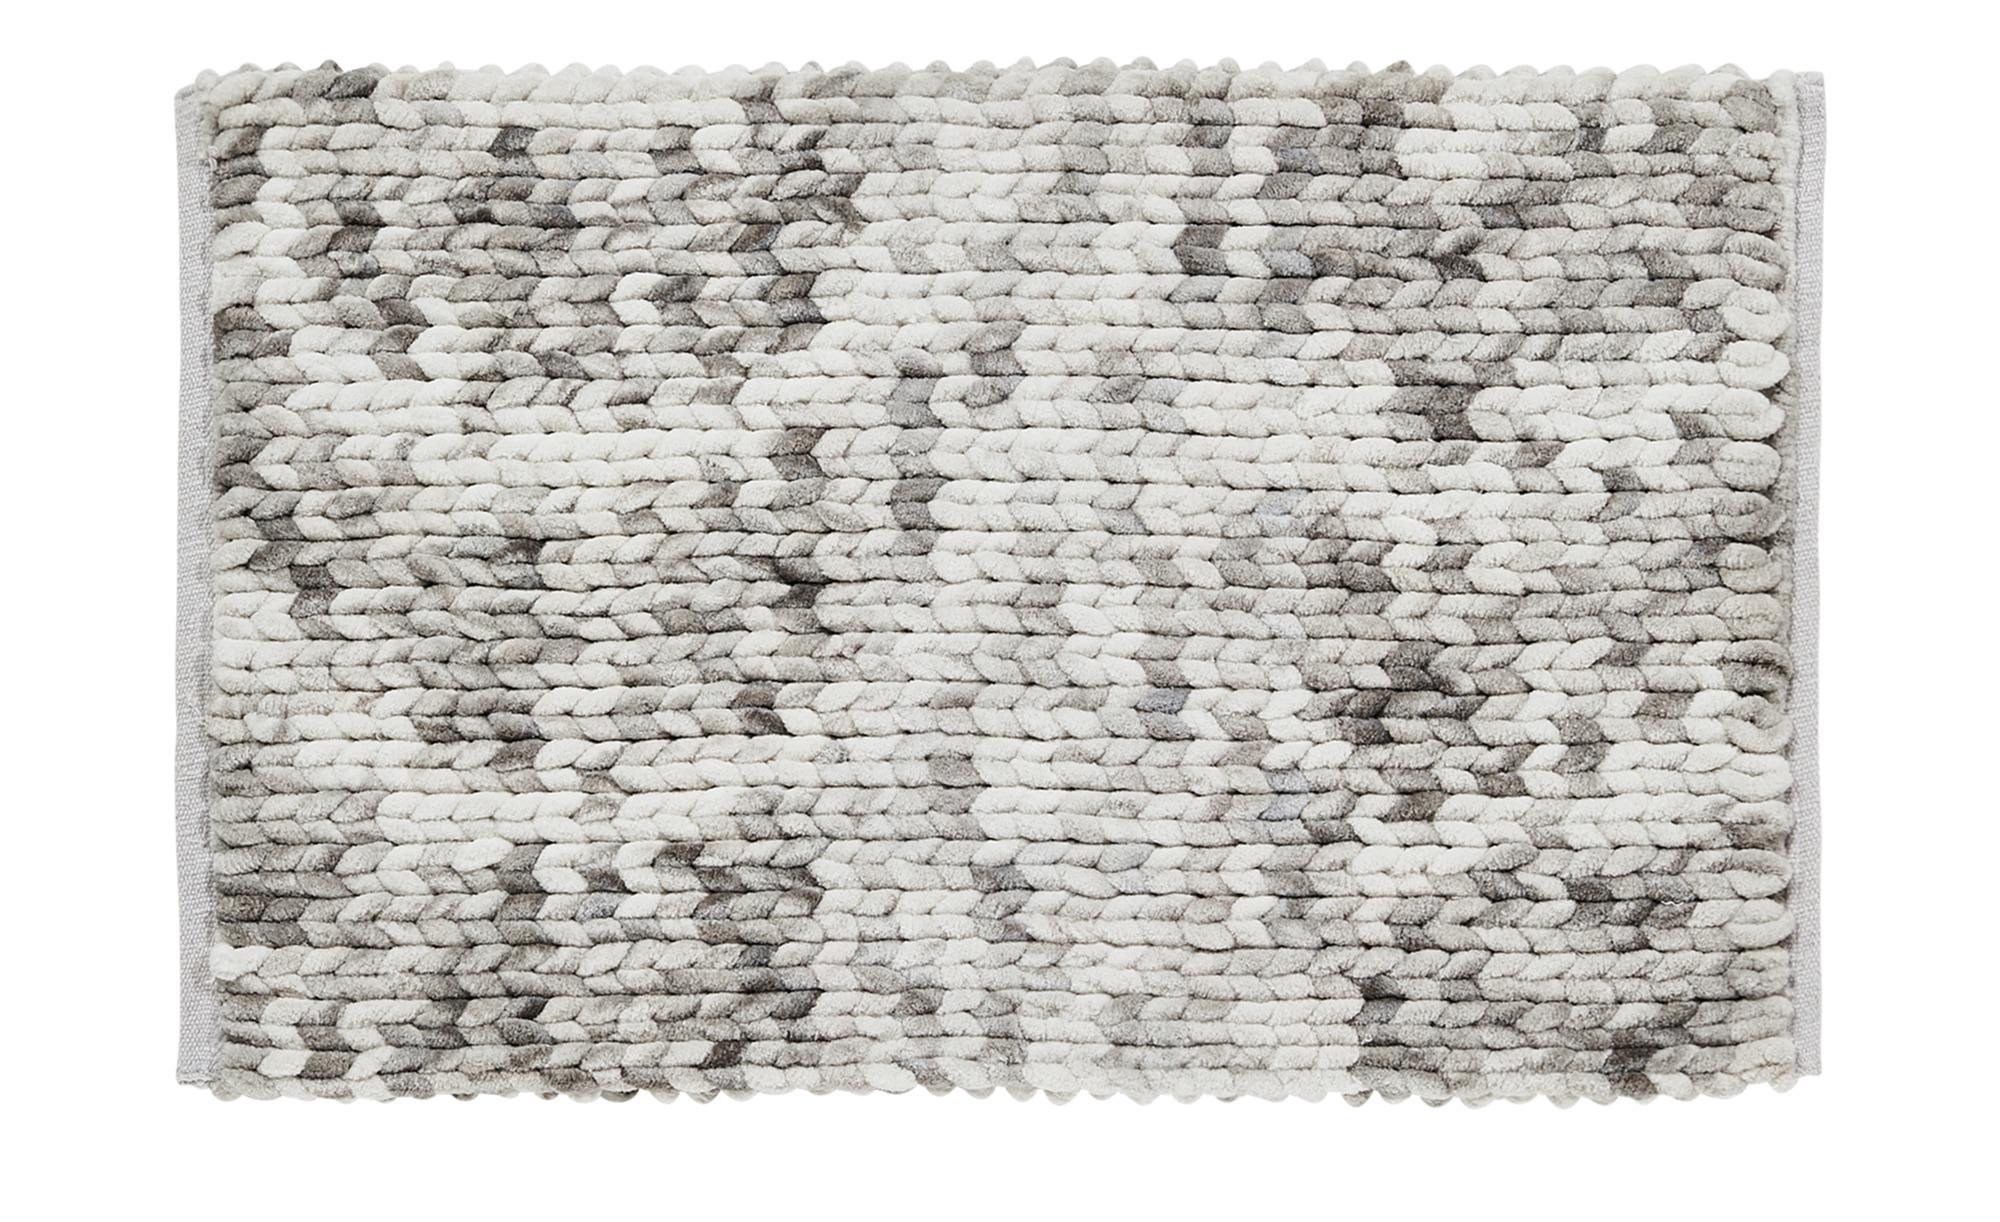 Badteppich  Rapunzel ¦ creme ¦ 100 % Polyester ¦ Maße (cm): B: 50 Badtextilien und Zubehör > Badematten & Badvorleger - Höffner